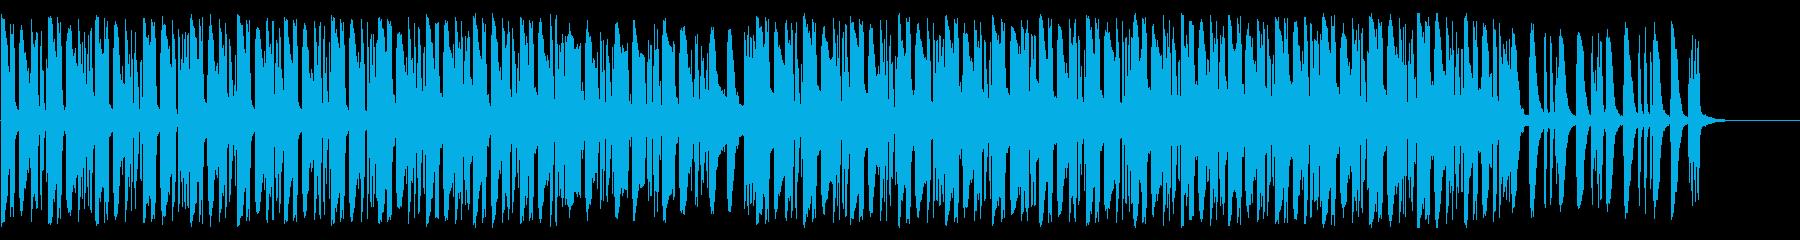 ローテンポで浮遊感のあるEDMの再生済みの波形